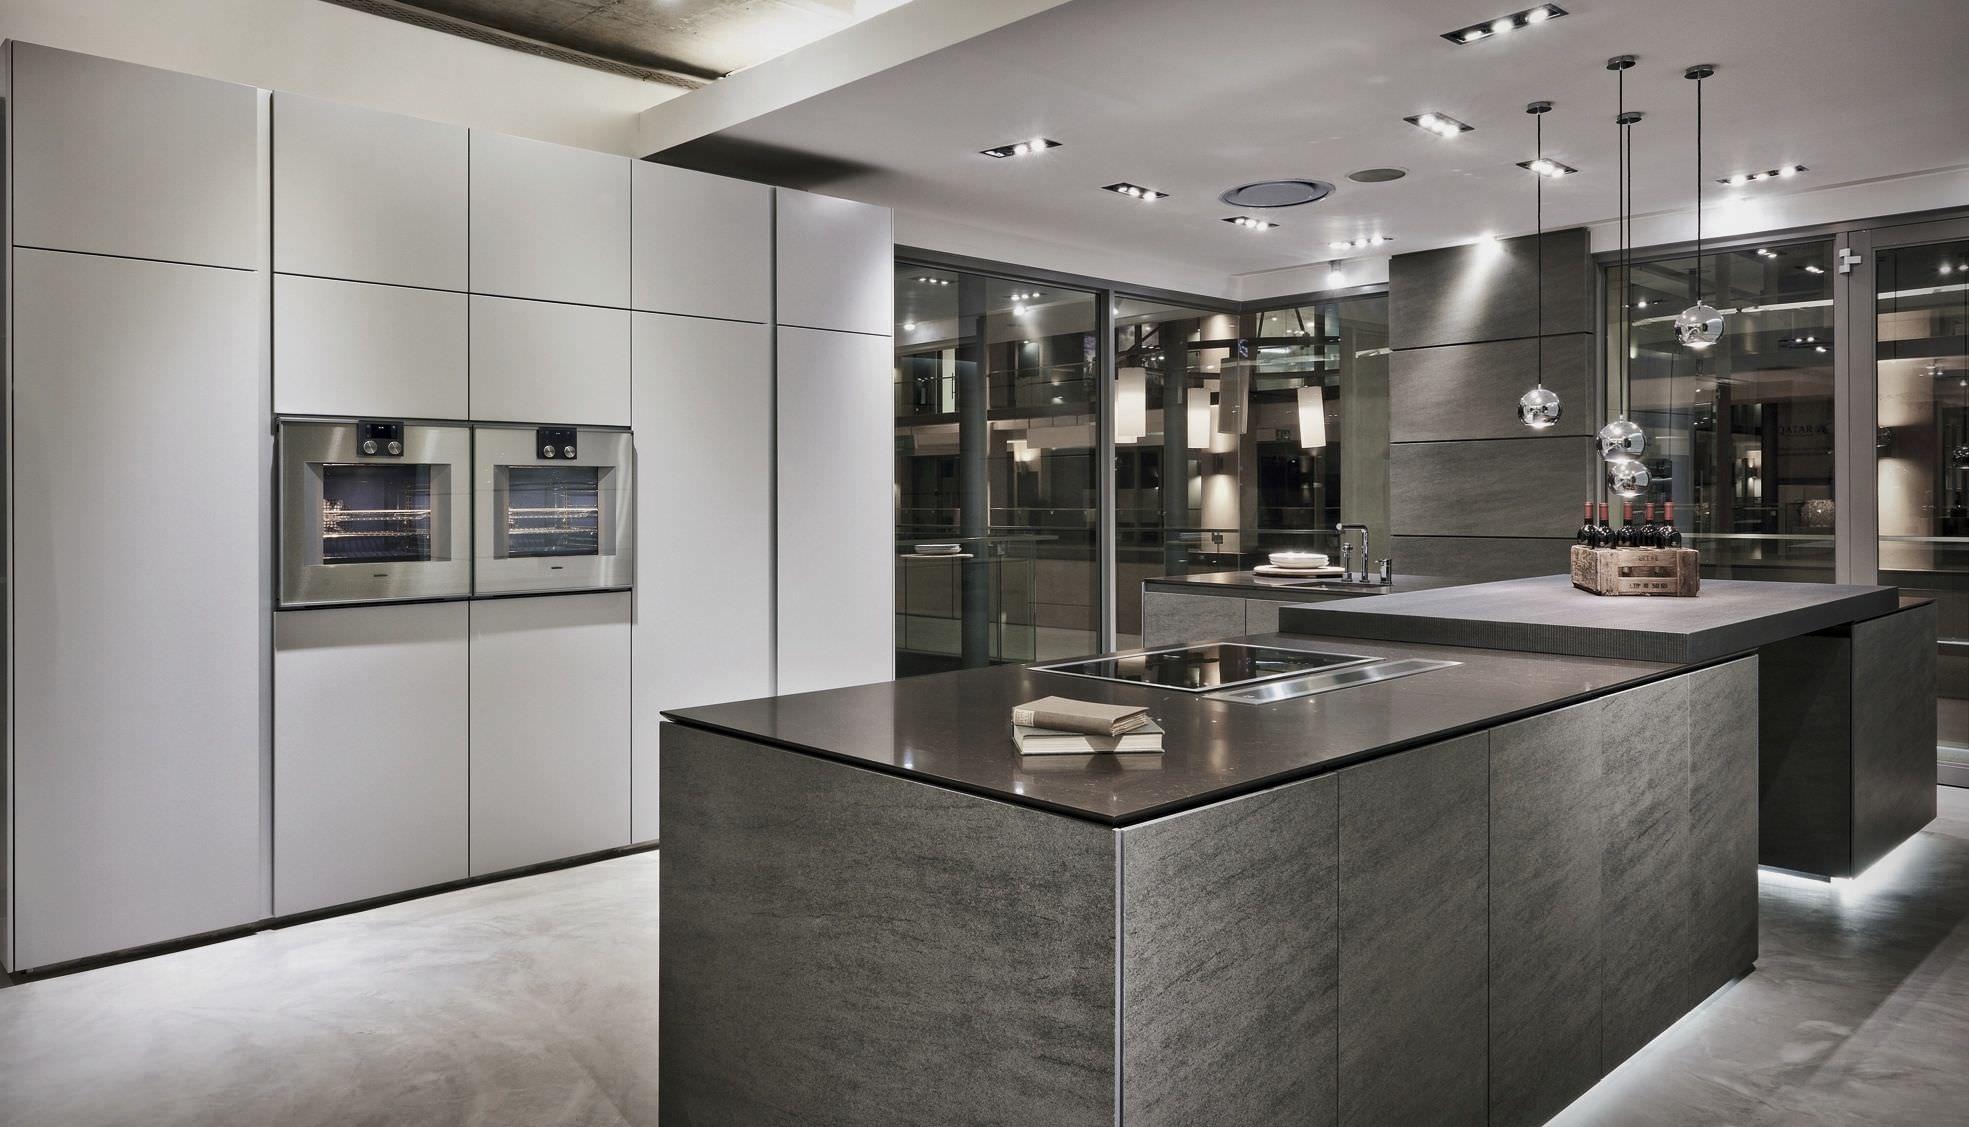 luxury kitchen showroom luxury kitchen design kitchen design luxury kitchens on kitchen interior luxury id=67365